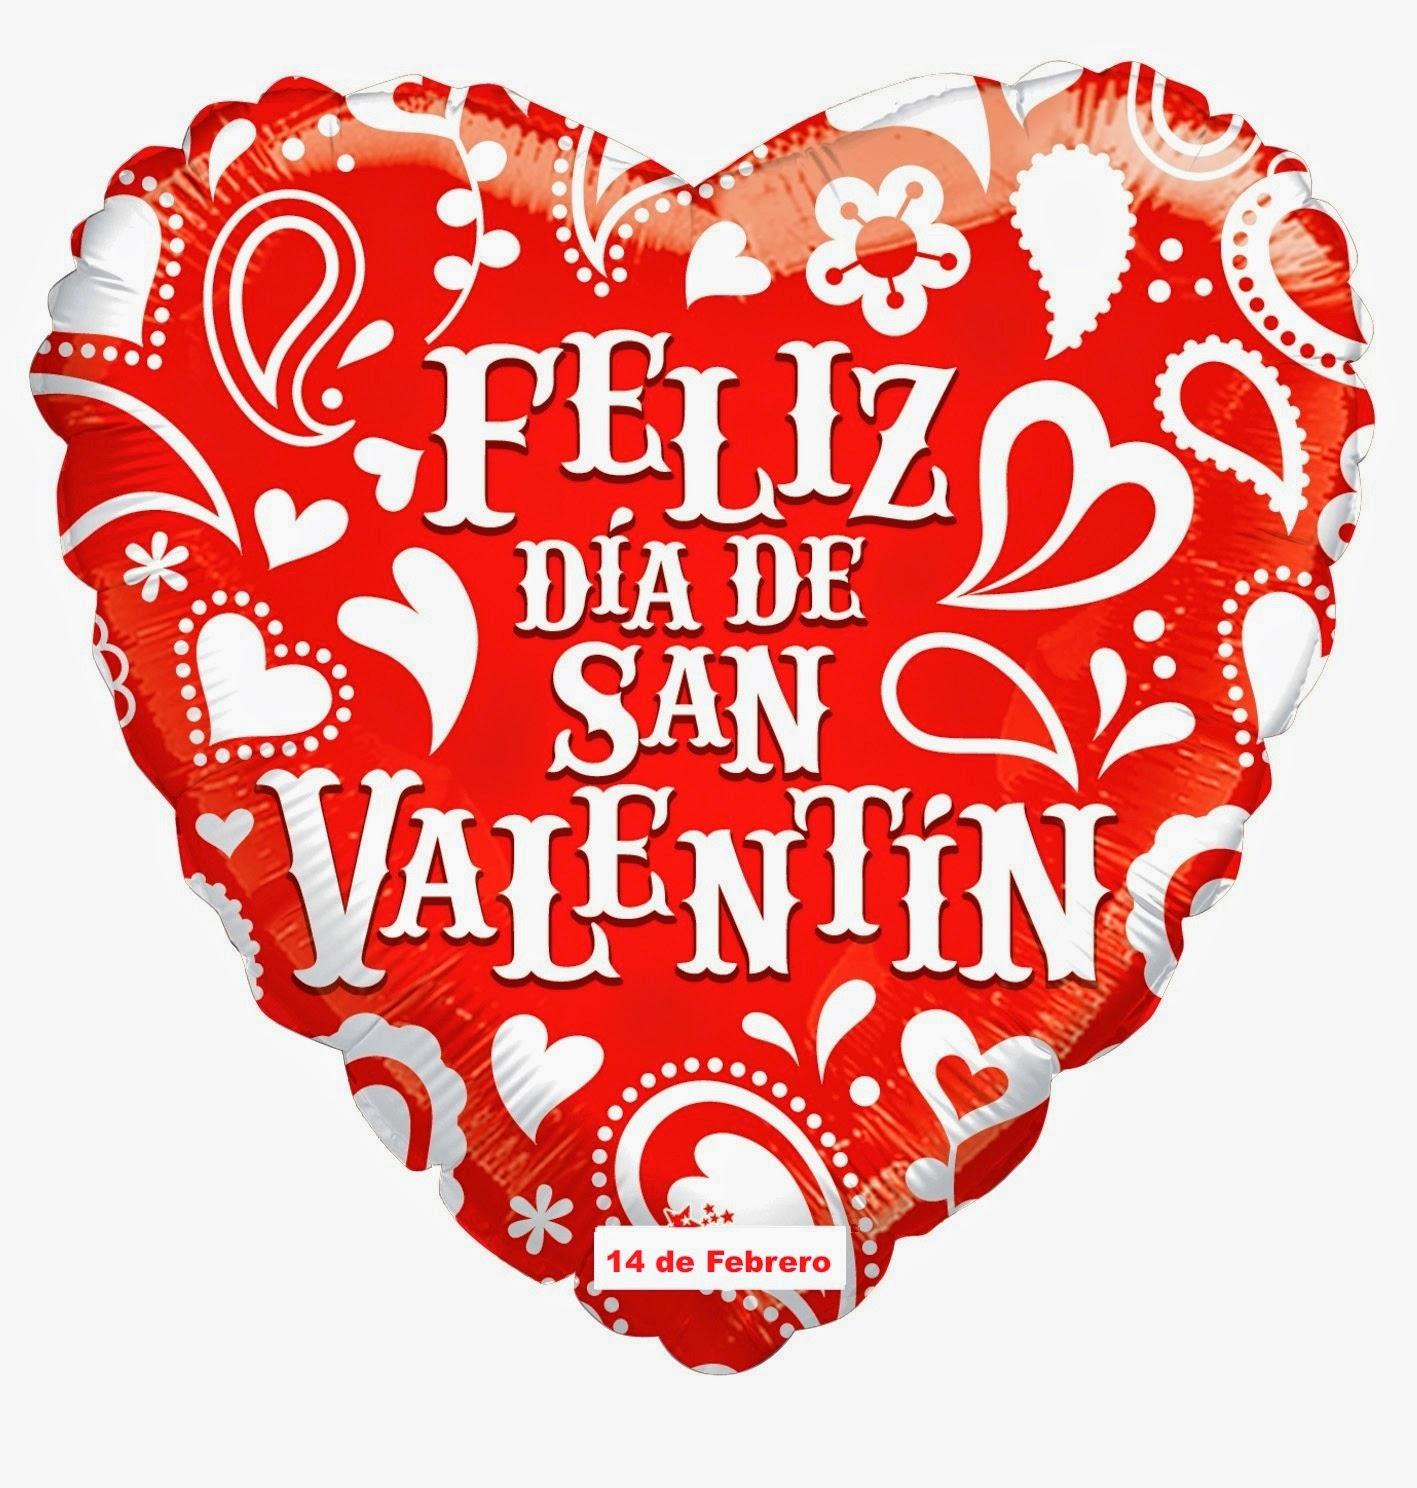 Todos Los Años, El 14 De Febrero Es El Día De SAN VALENTIN. Se Celebra El  Día Del Amor, Día De Los Enamorados Y En Algunos Países También Es El Día De  ...